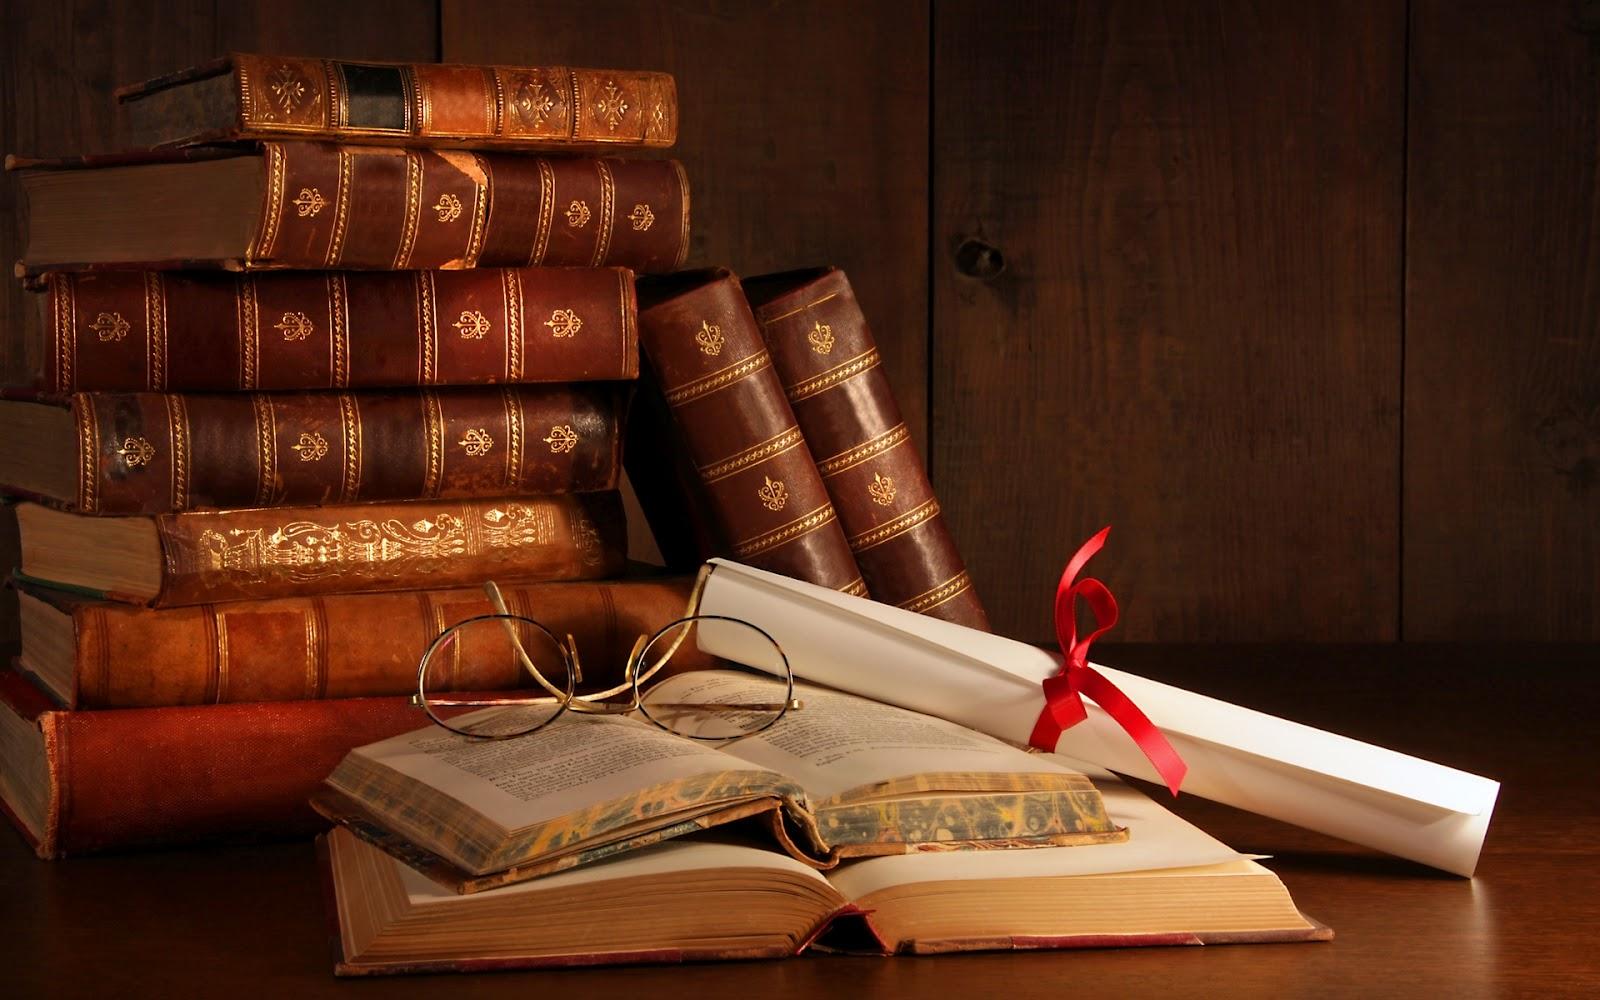 Libros-Viejos-Apilados_Imagenes-de-Libros.jpg